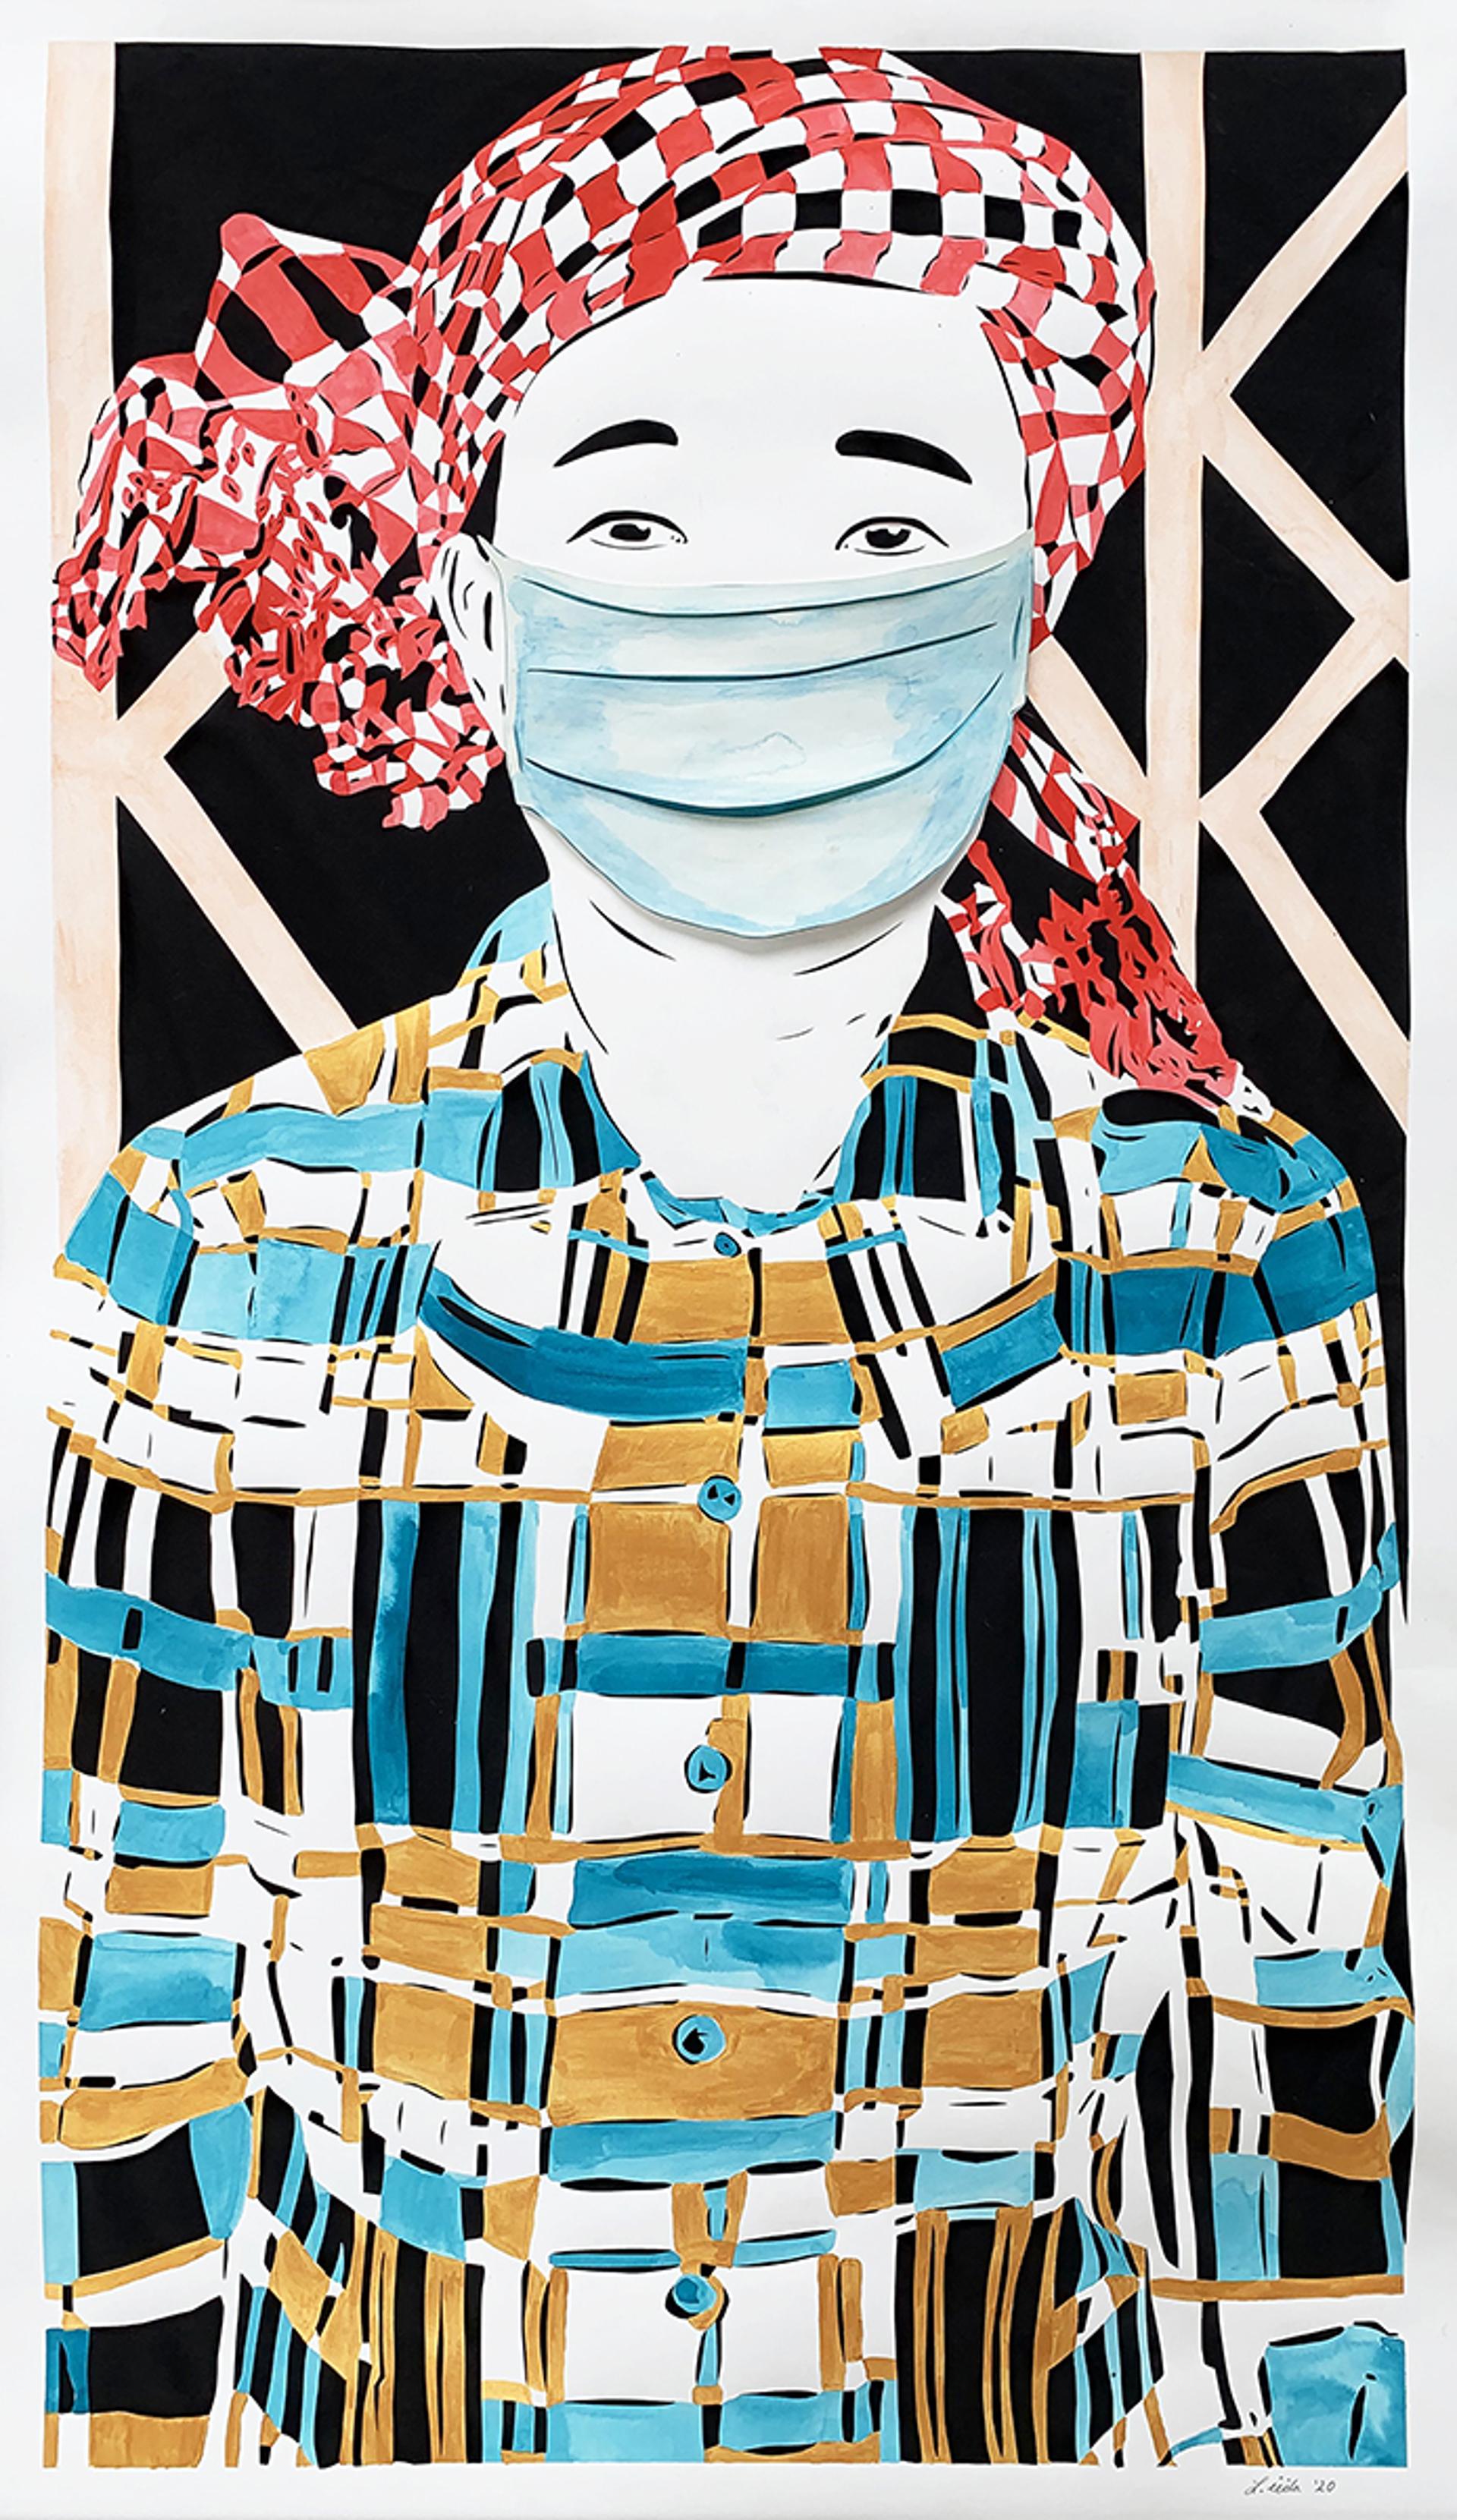 28. Dangerous: The Artist's Wife of the Current Era by Lauren Iida